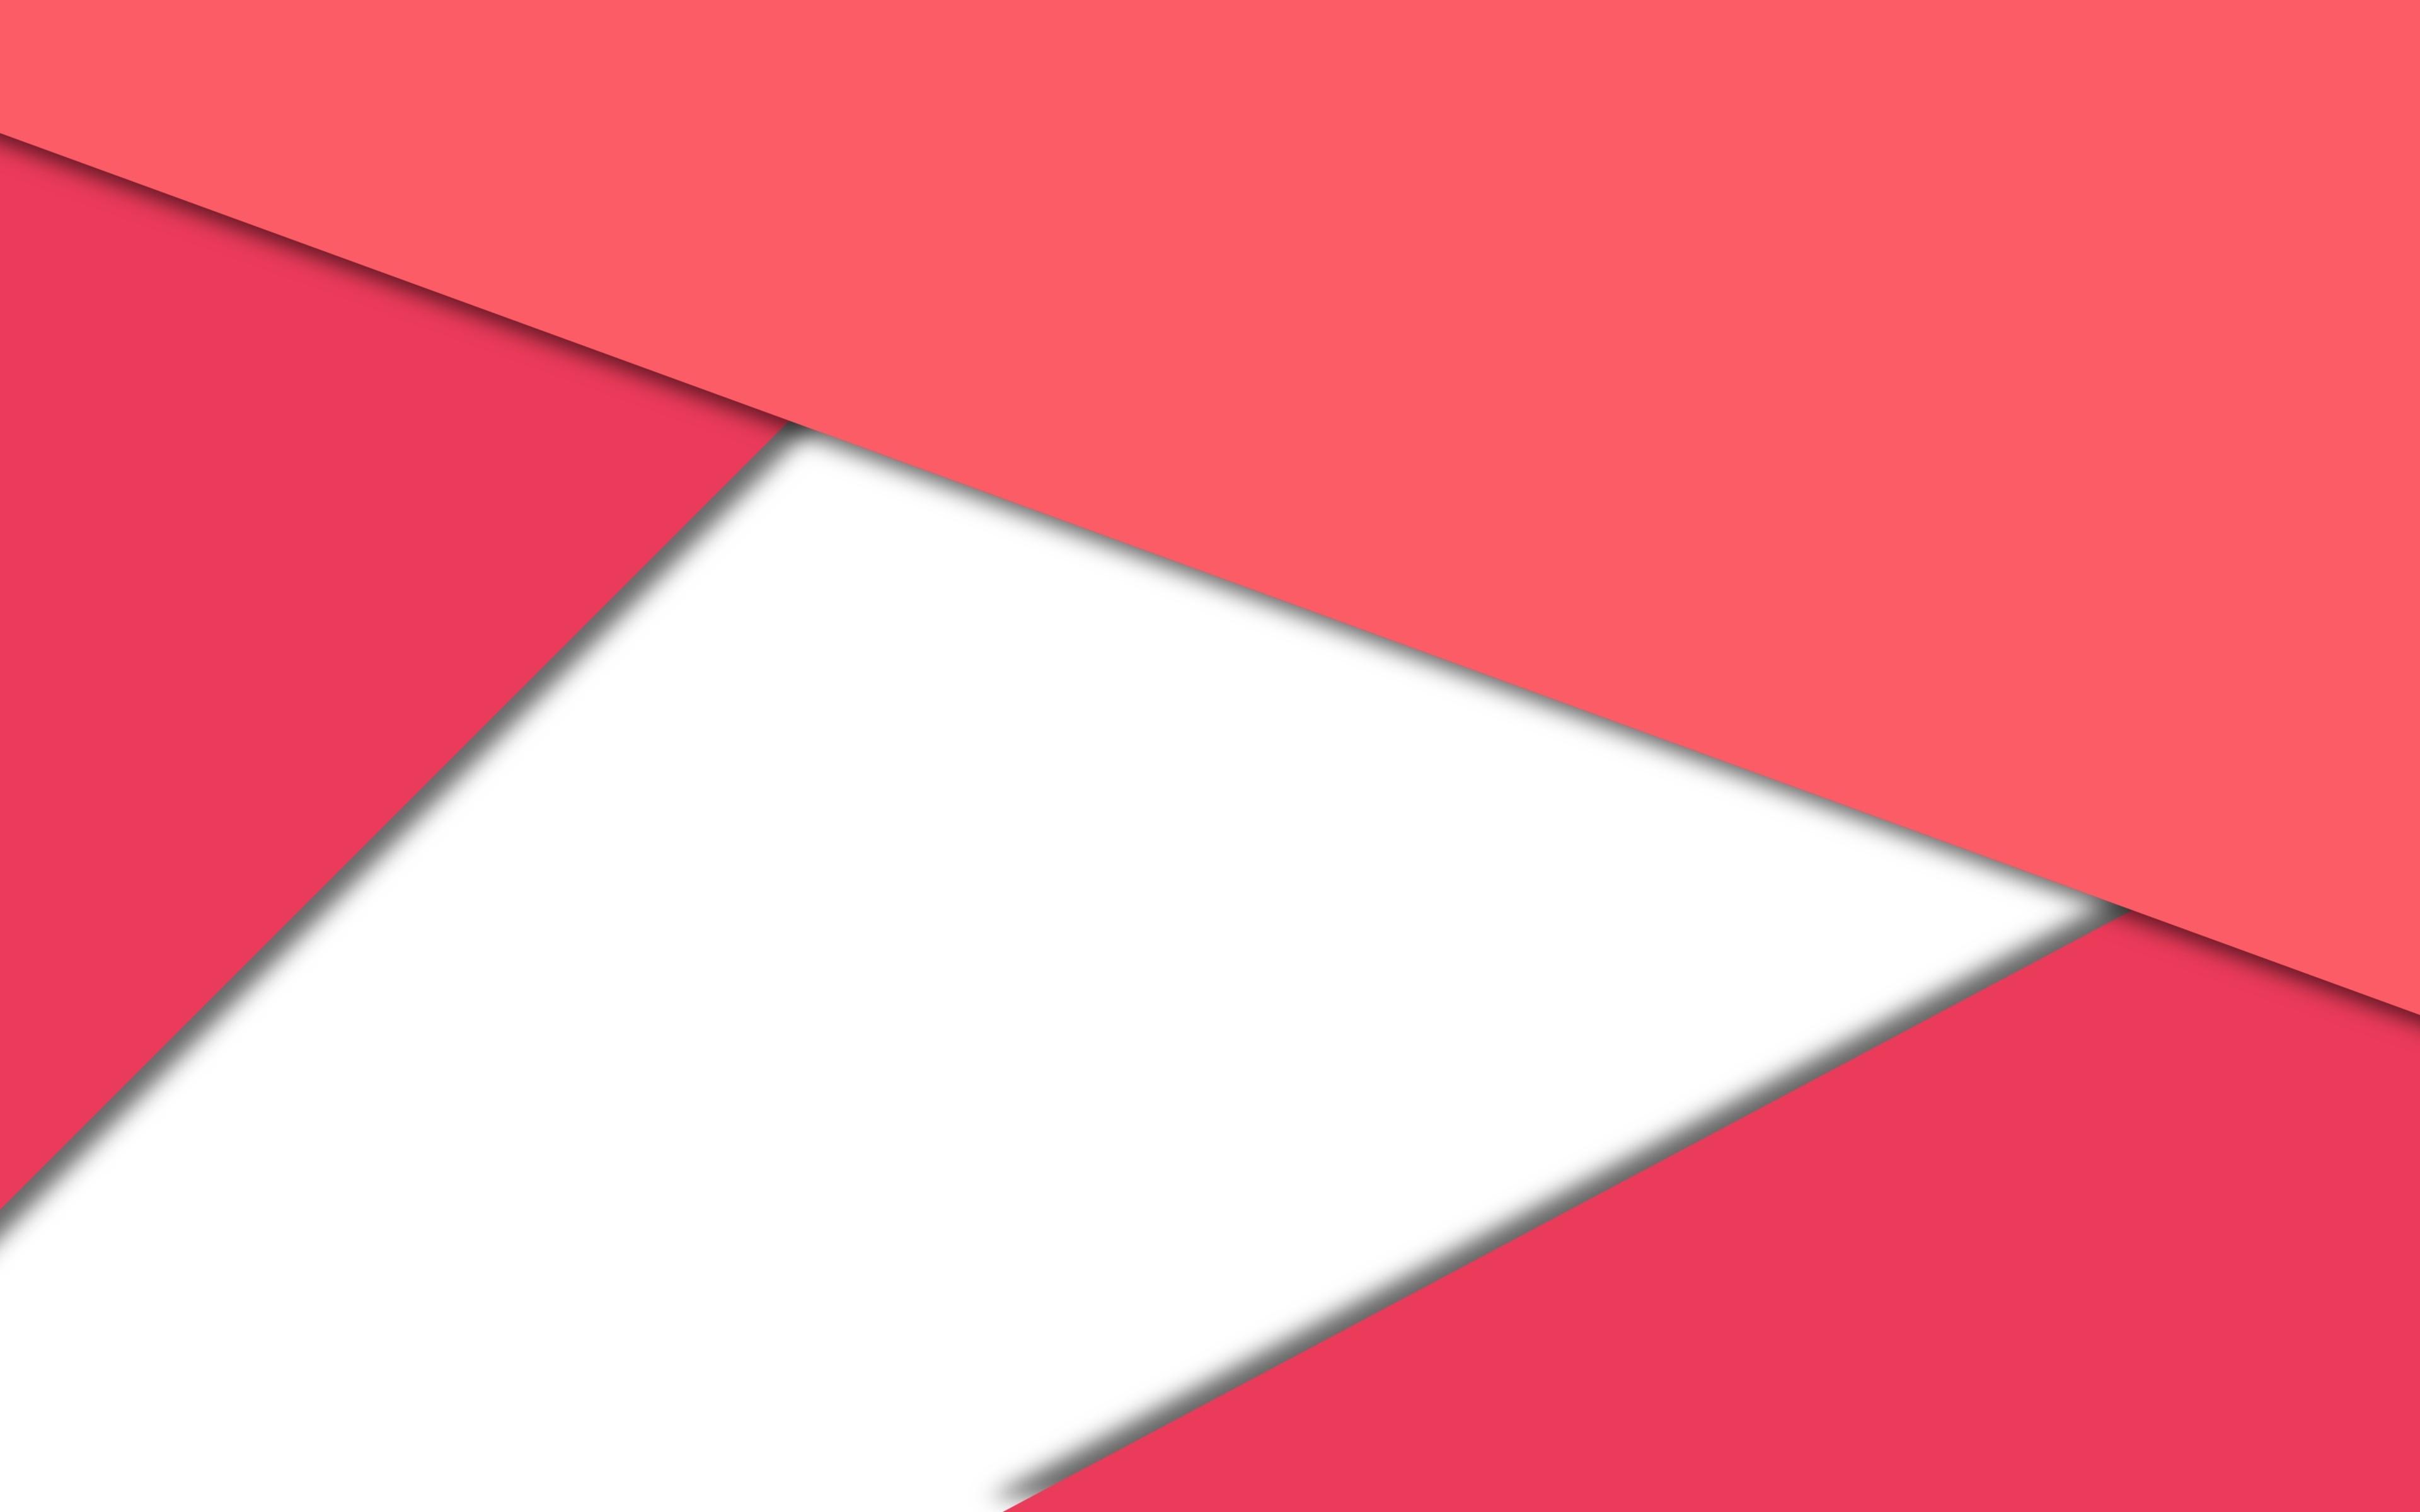 red-white-material-design-4k-0m.jpg